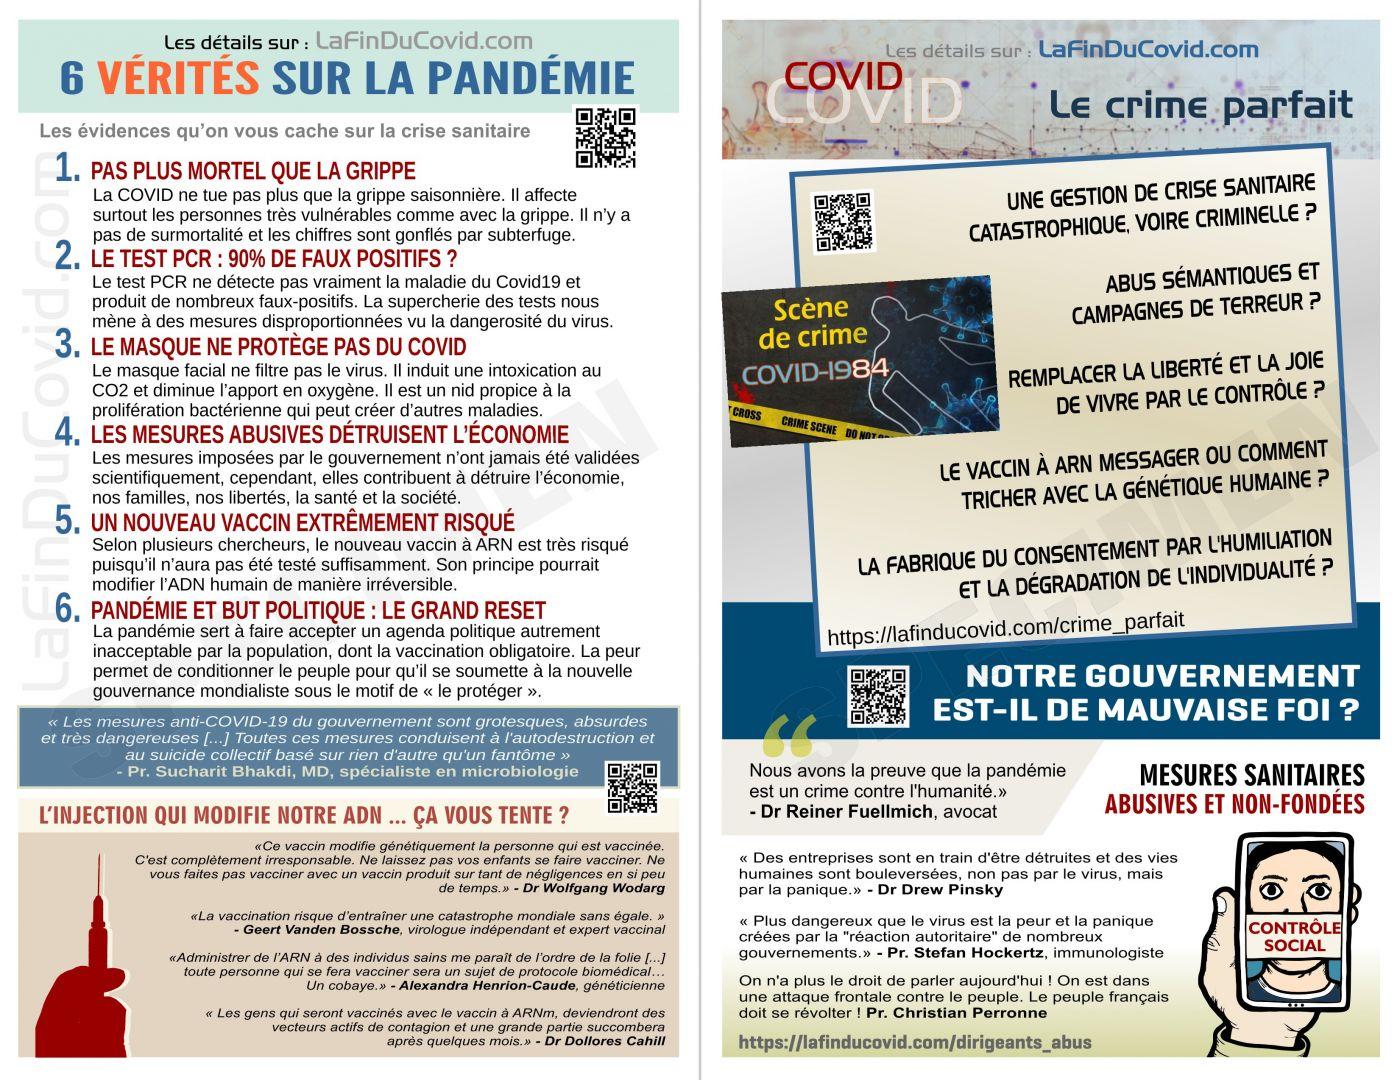 Flyer 6 vérités pandémie + vaccin ARN + crime parfait + gouvernement tyran (5.5 x 8.5po.)